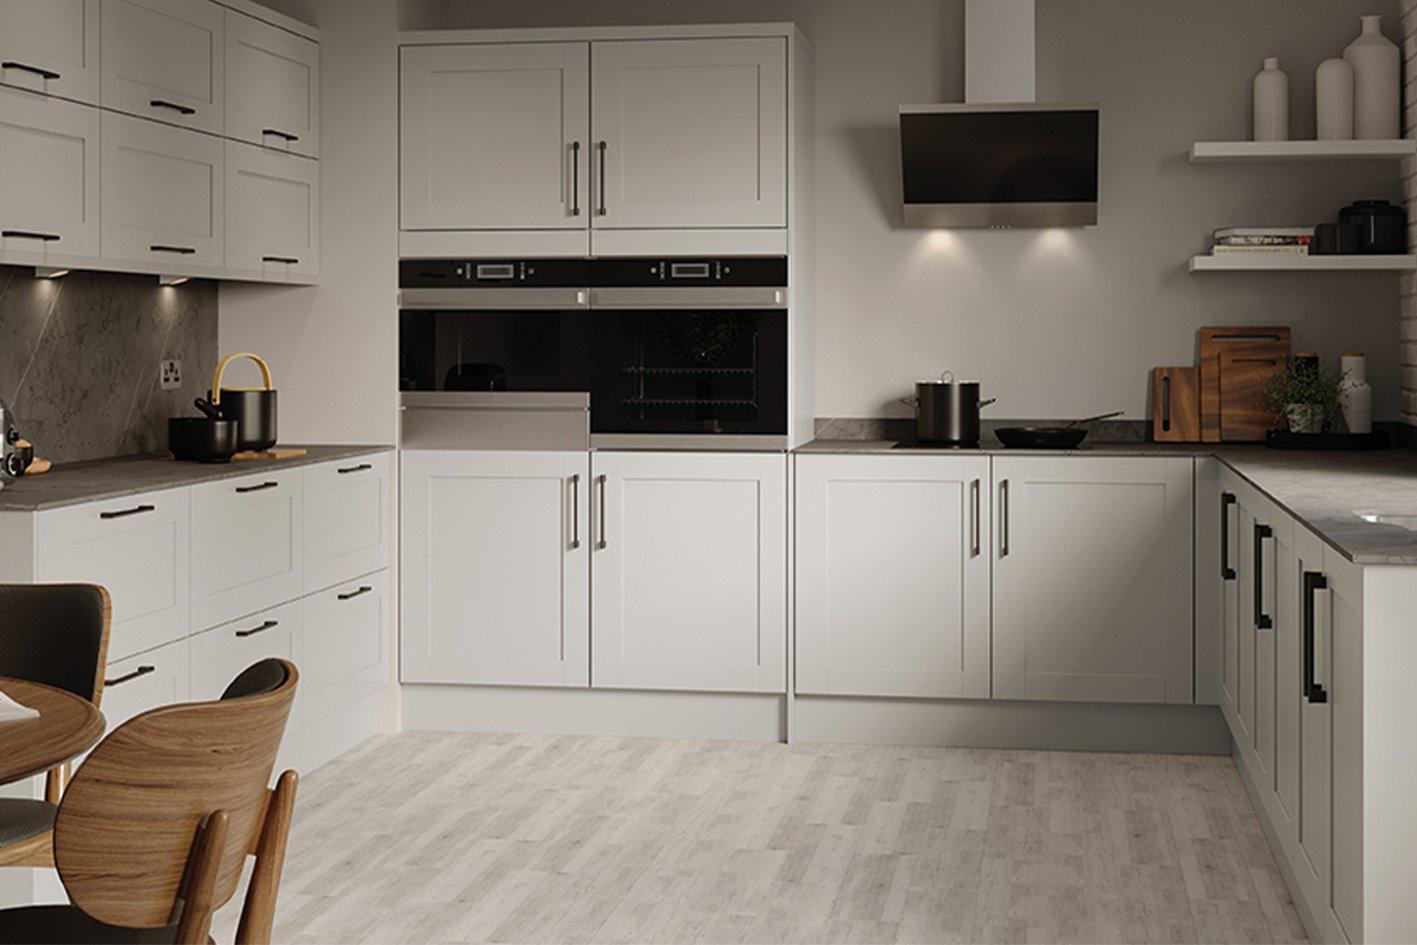 Kitchen Planner   Installation Guide   Homebase